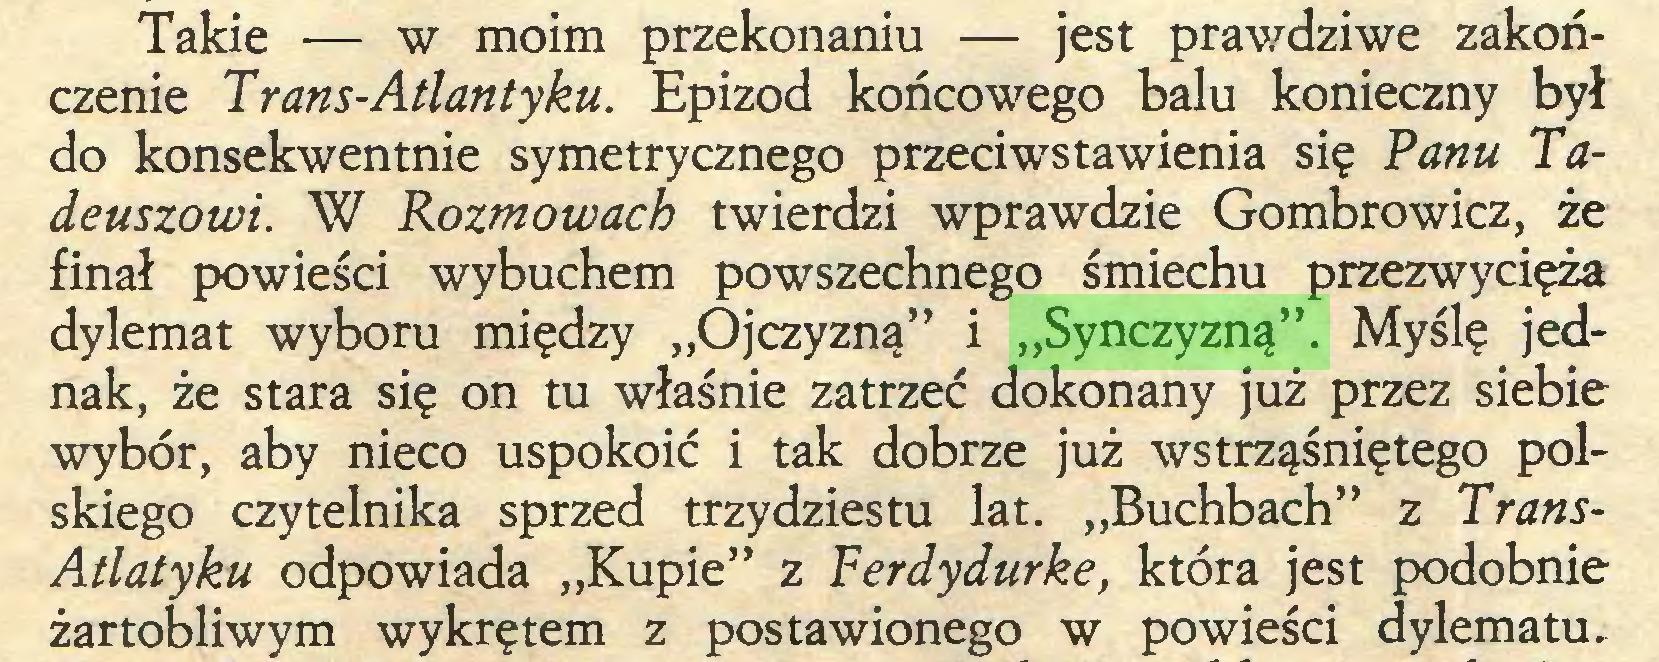 """(...) Takie — w moim przekonaniu — jest prawdziwe zakończenie Trans-Atlantyku. Epizod końcowego balu konieczny był do konsekwentnie symetrycznego przeciwstawienia się Tanu Tadeuszowi. W Rozmowach twierdzi wprawdzie Gombrowicz, że finał powieści wybuchem powszechnego śmiechu przezwycięża dylemat wyboru między """"Ojczyzną"""" i """"Synczyzną"""". Myślę jednak, że stara się on tu właśnie zatrzeć dokonany już przez siebie wybór, aby nieco uspokoić i tak dobrze już wstrząśniętego polskiego czytelnika sprzed trzydziestu lat. """"Buchbach"""" z TransAtlatyku odpowiada """"Kupie"""" z Ferdydurke, która jest podobnie żartobliwym wykrętem z postawionego w powieści dylematu..."""